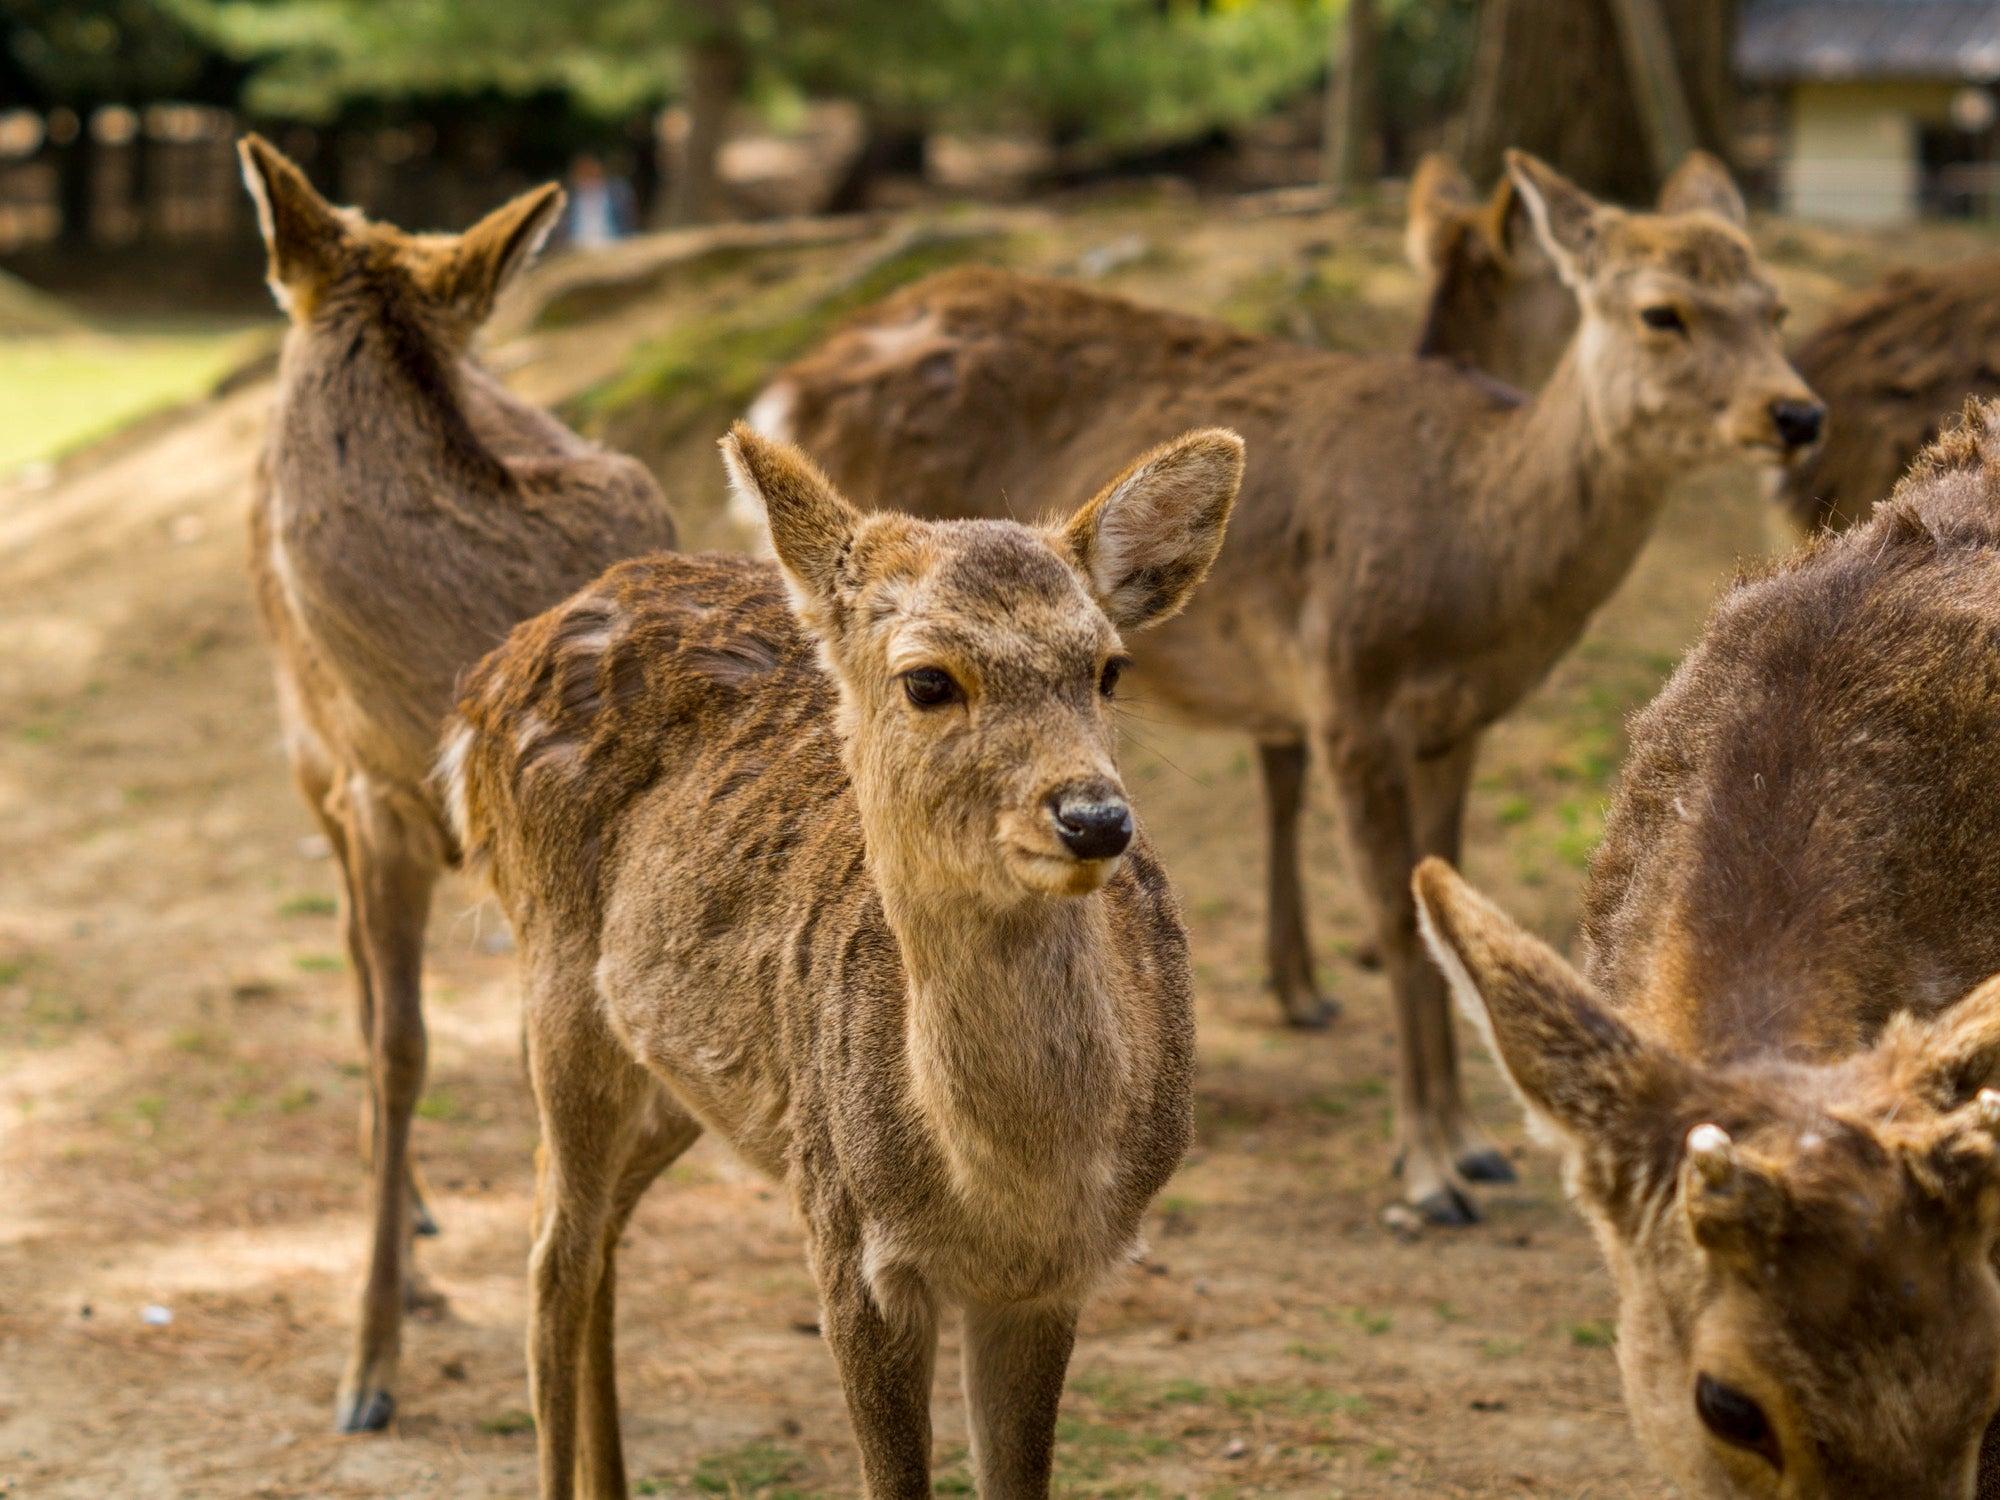 sika deer in nara park, japan